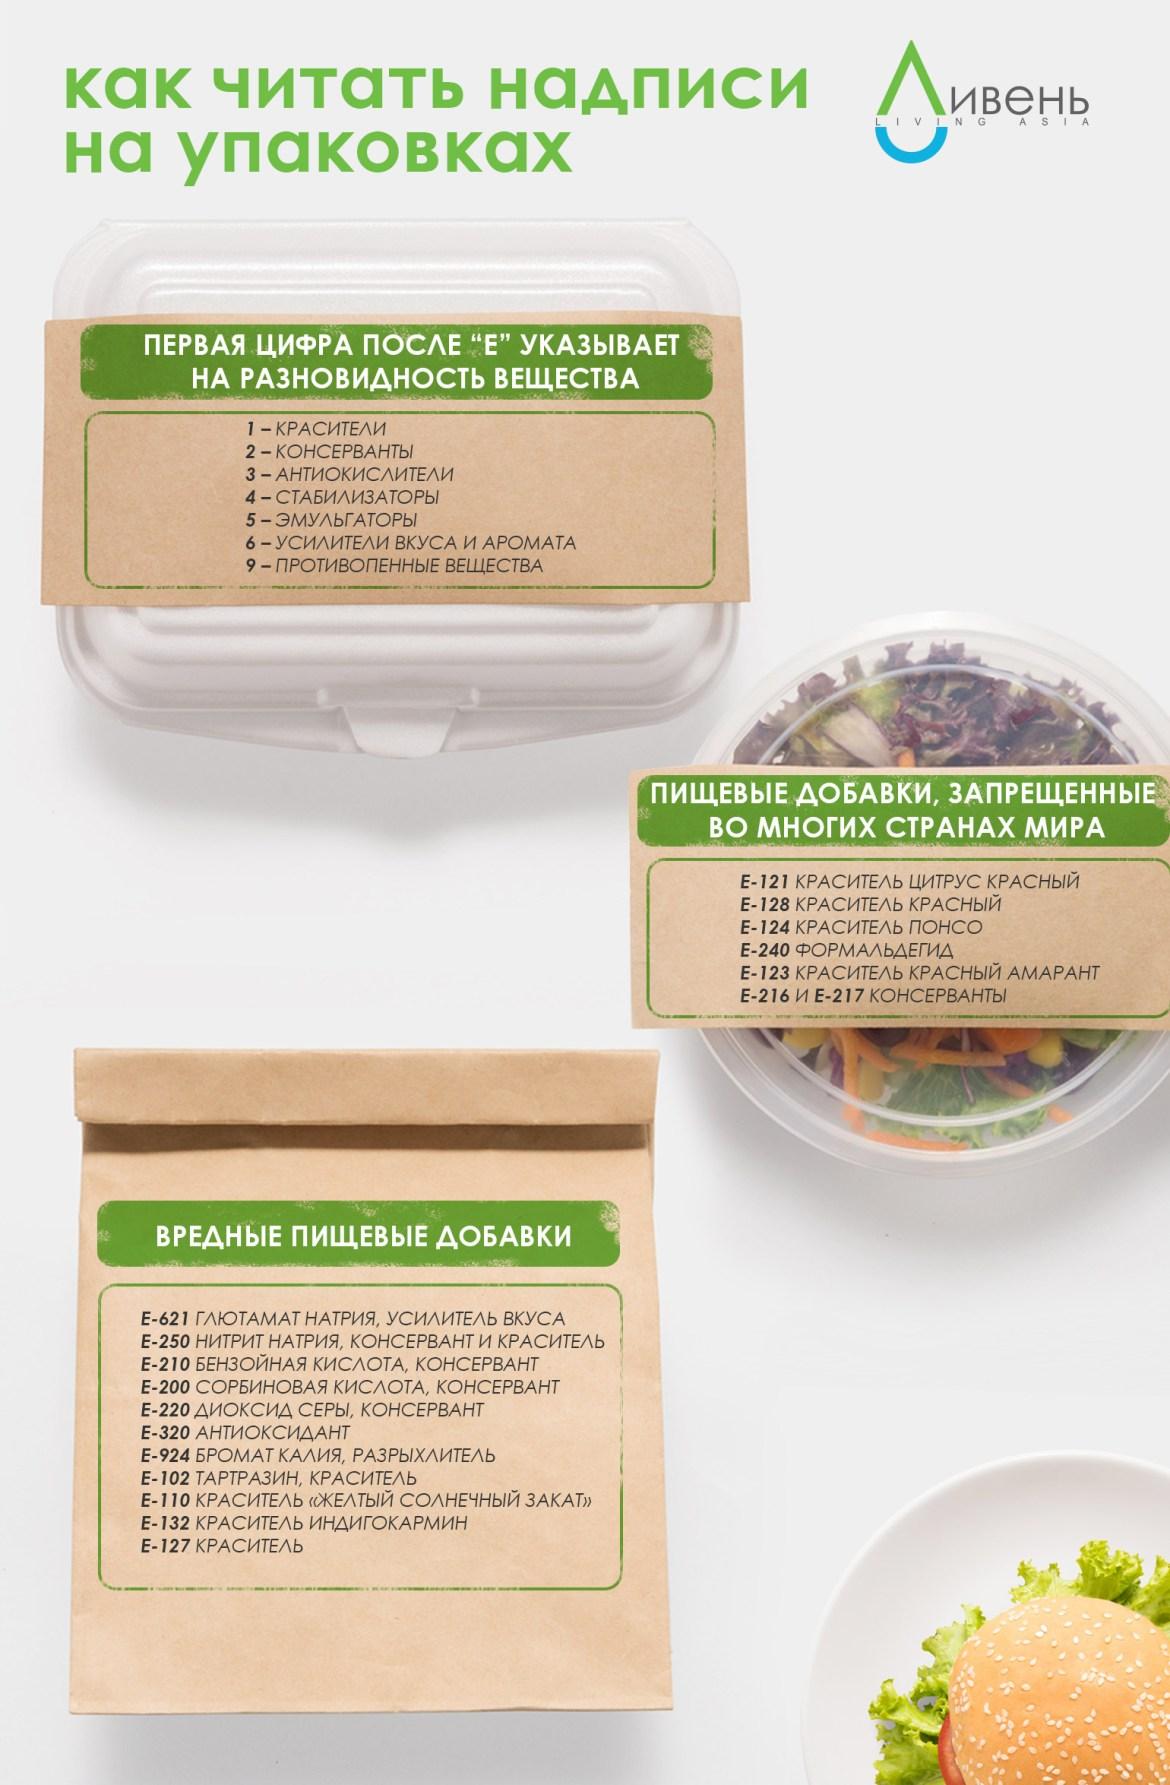 Как читать надписи на упаковках? Каких «ешек» стоит избегать?